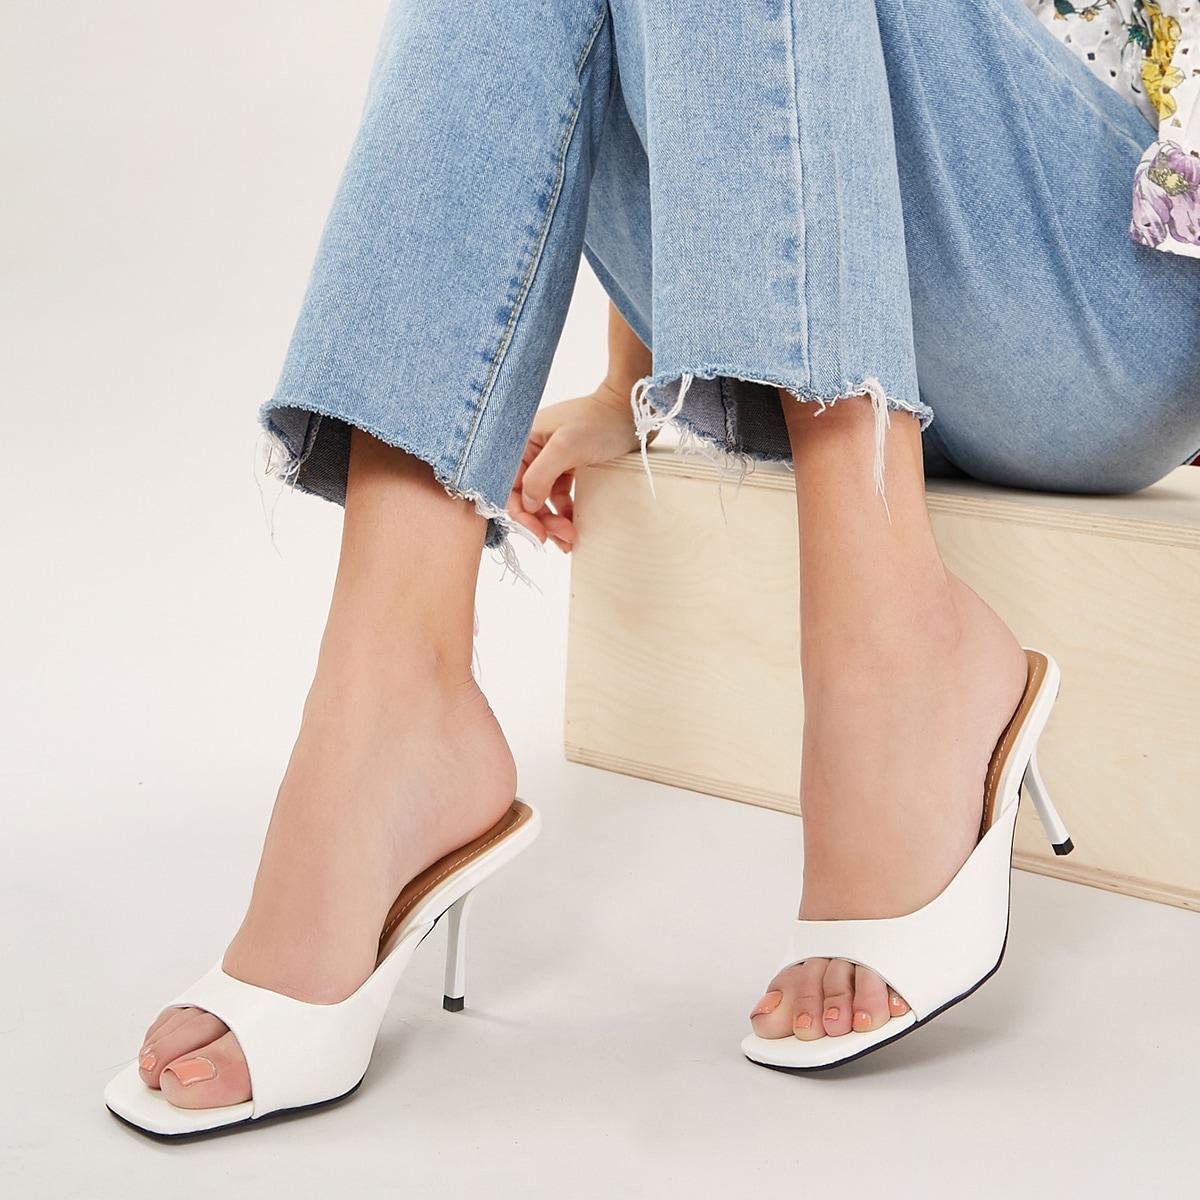 Сандалии на каблуках с открытым носком